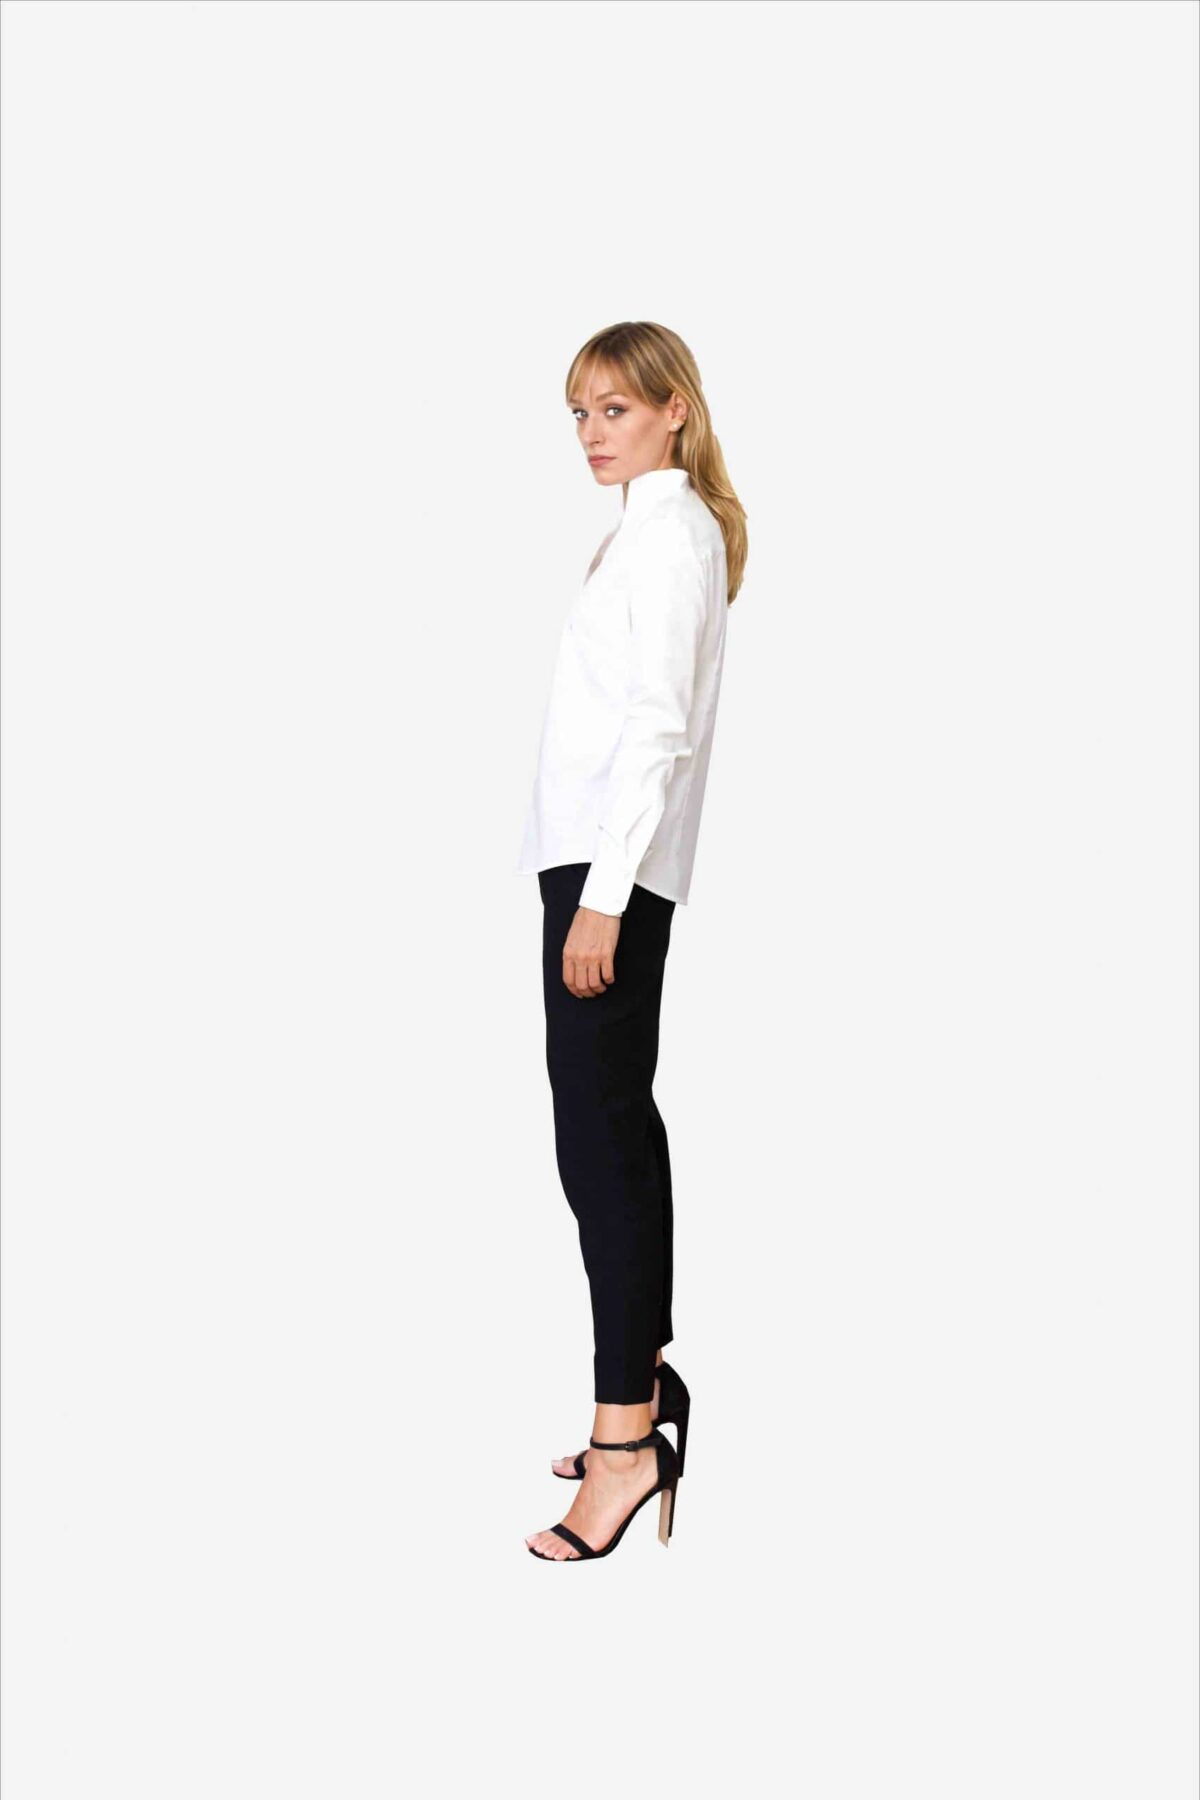 Bluse Sheirlyn von SANOGE. Stilvolle Designer Business Bluse in weiß mit Kelchkragen. Stehkragen. und Umschlagmanschetten. Herstellung in Handarbeit.